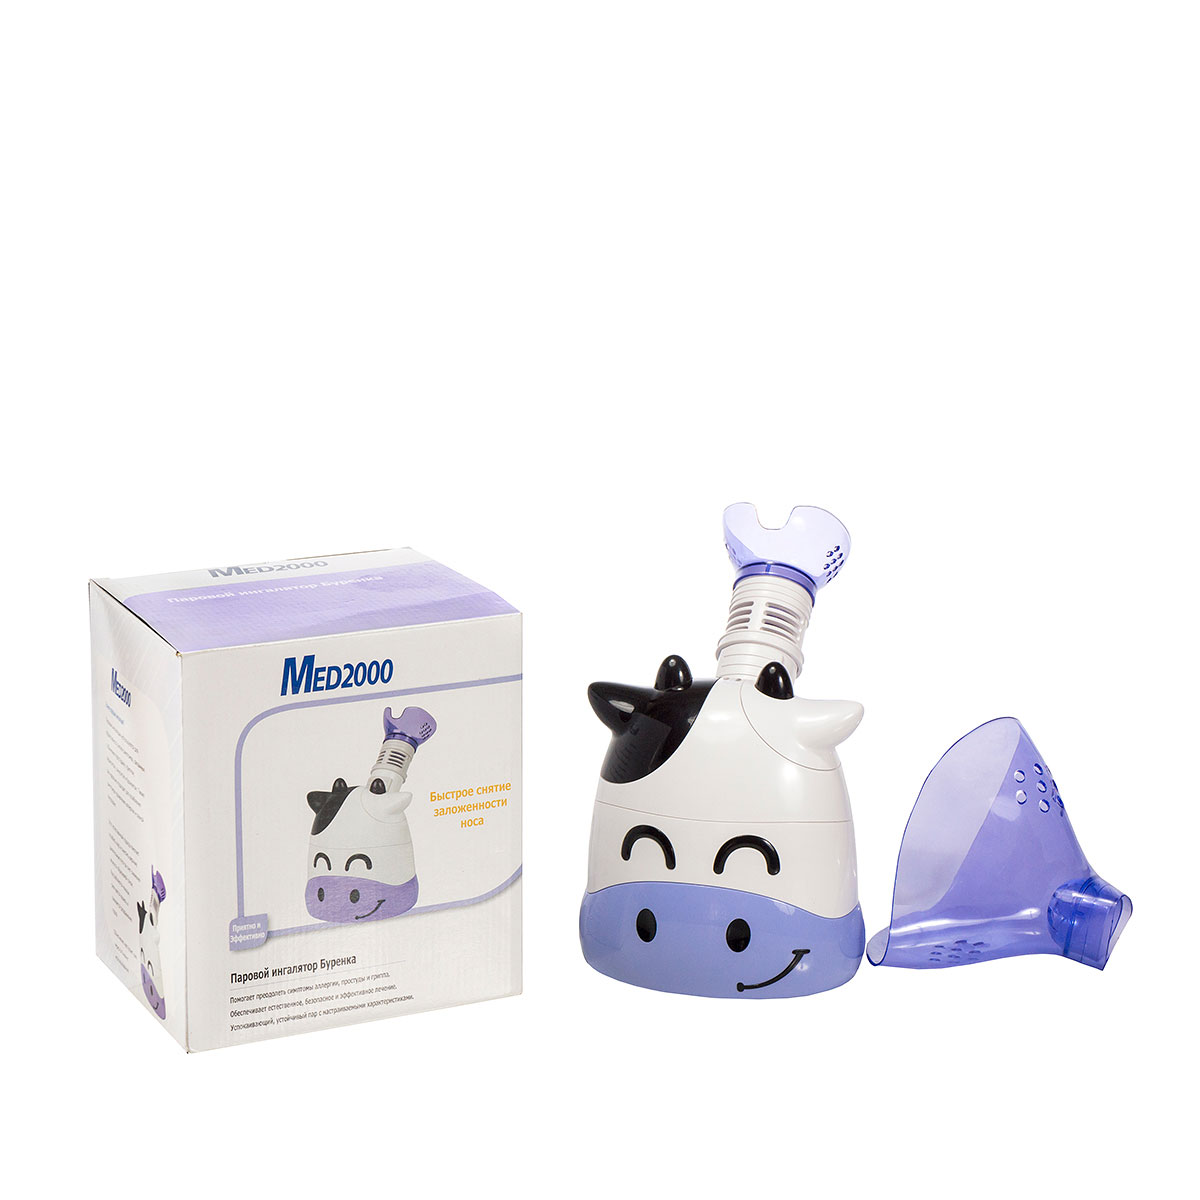 MED 2000 Ингалятор паровой SI 02 Cow (Буренка) - Лечение и профилактика